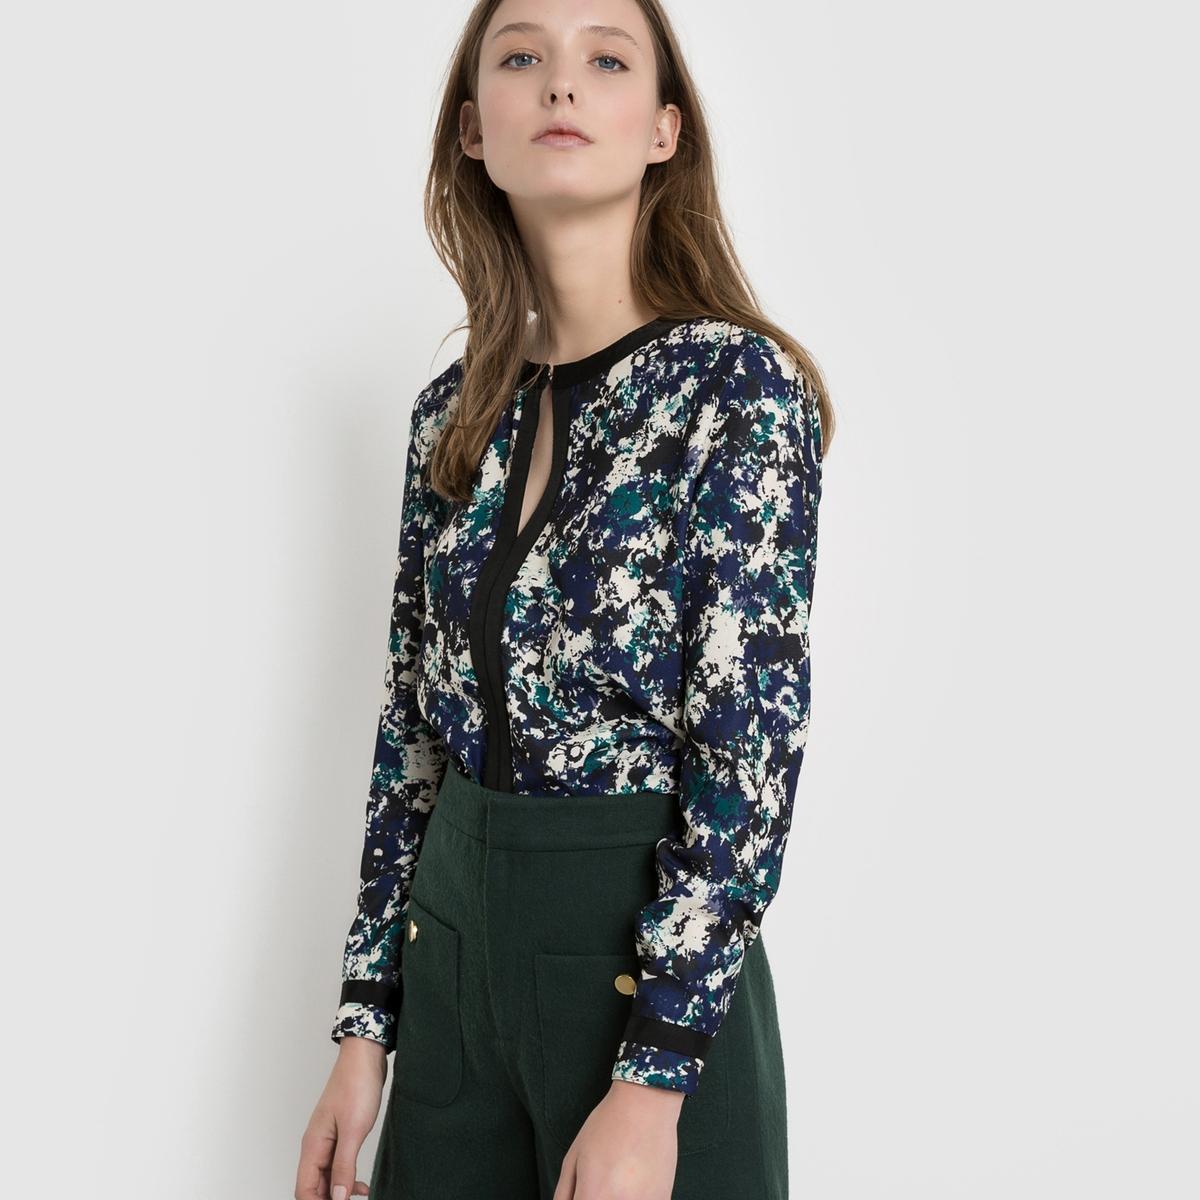 Блузка с рисунком и длинными рукавами блузка с рисунком с длинными рукавами